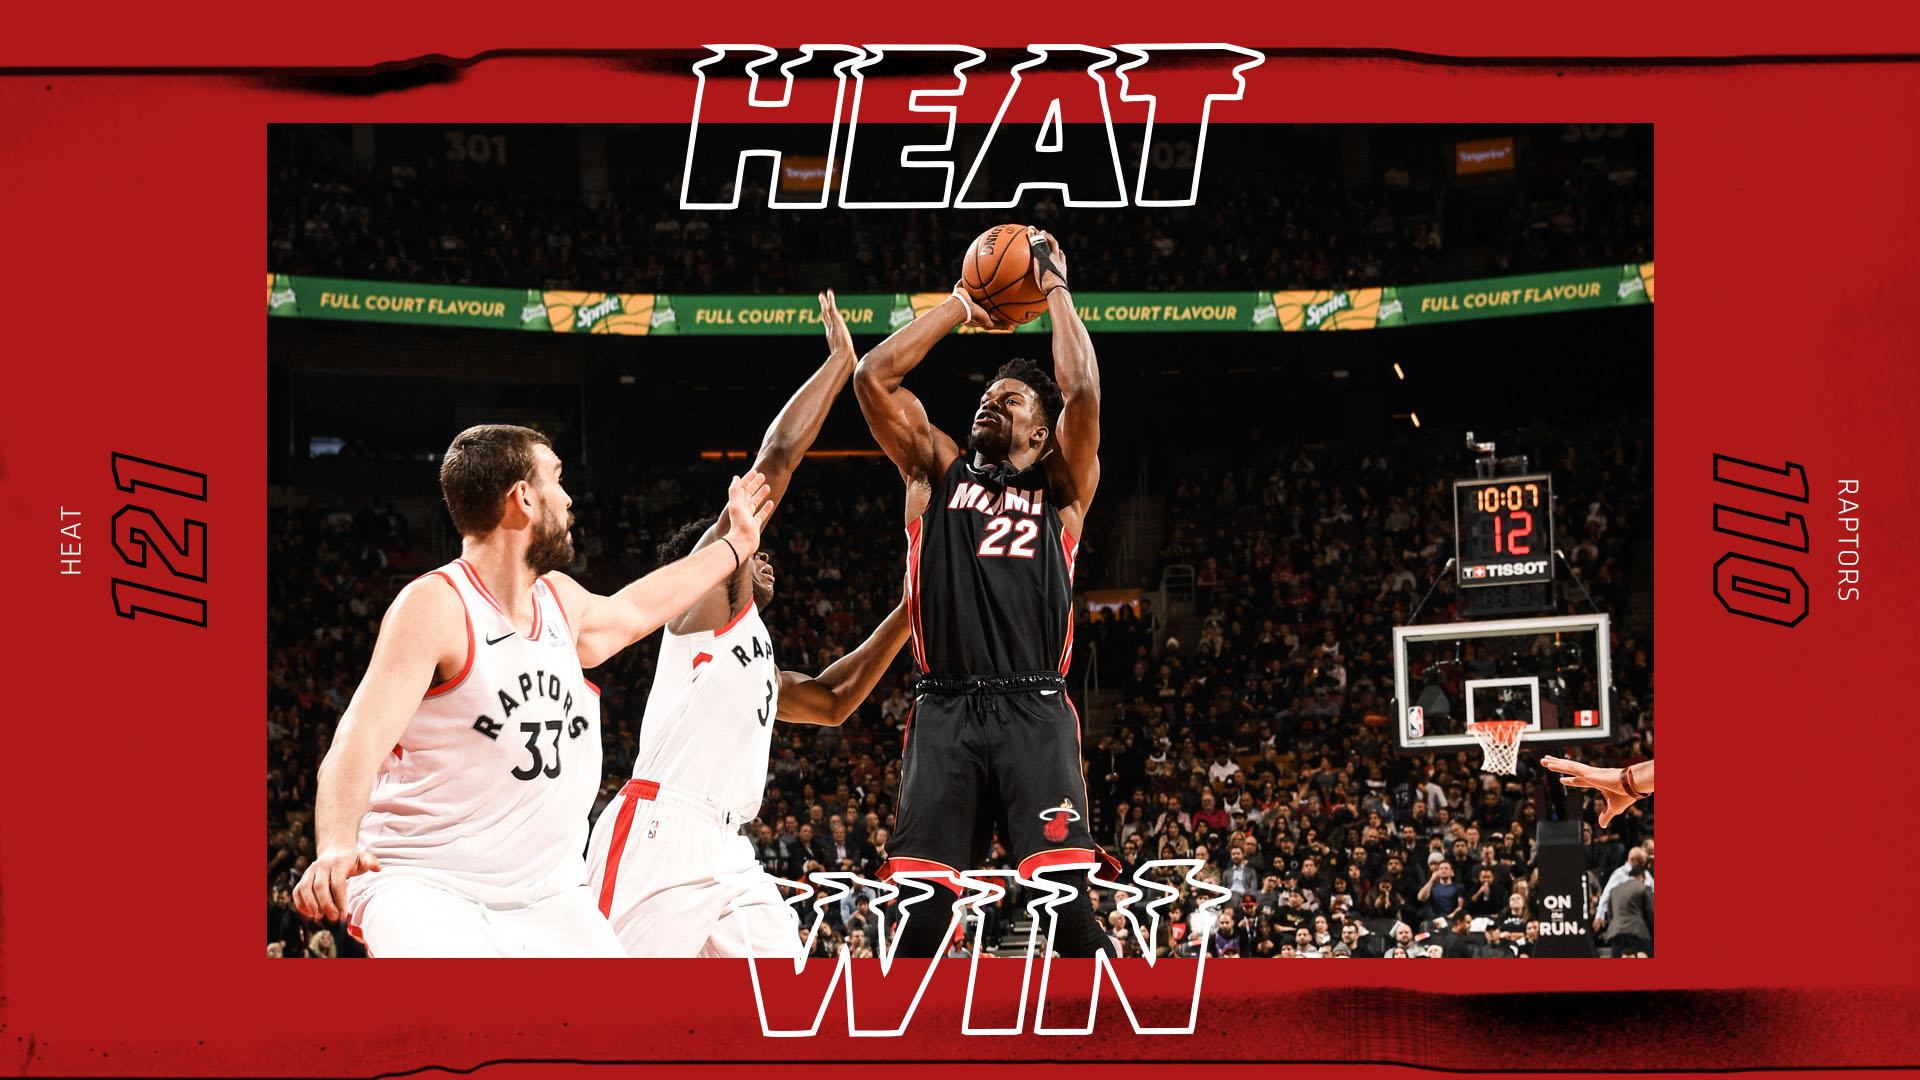 Toronto Raptors 110-121 Miami Heat - Camisetas nba baratas